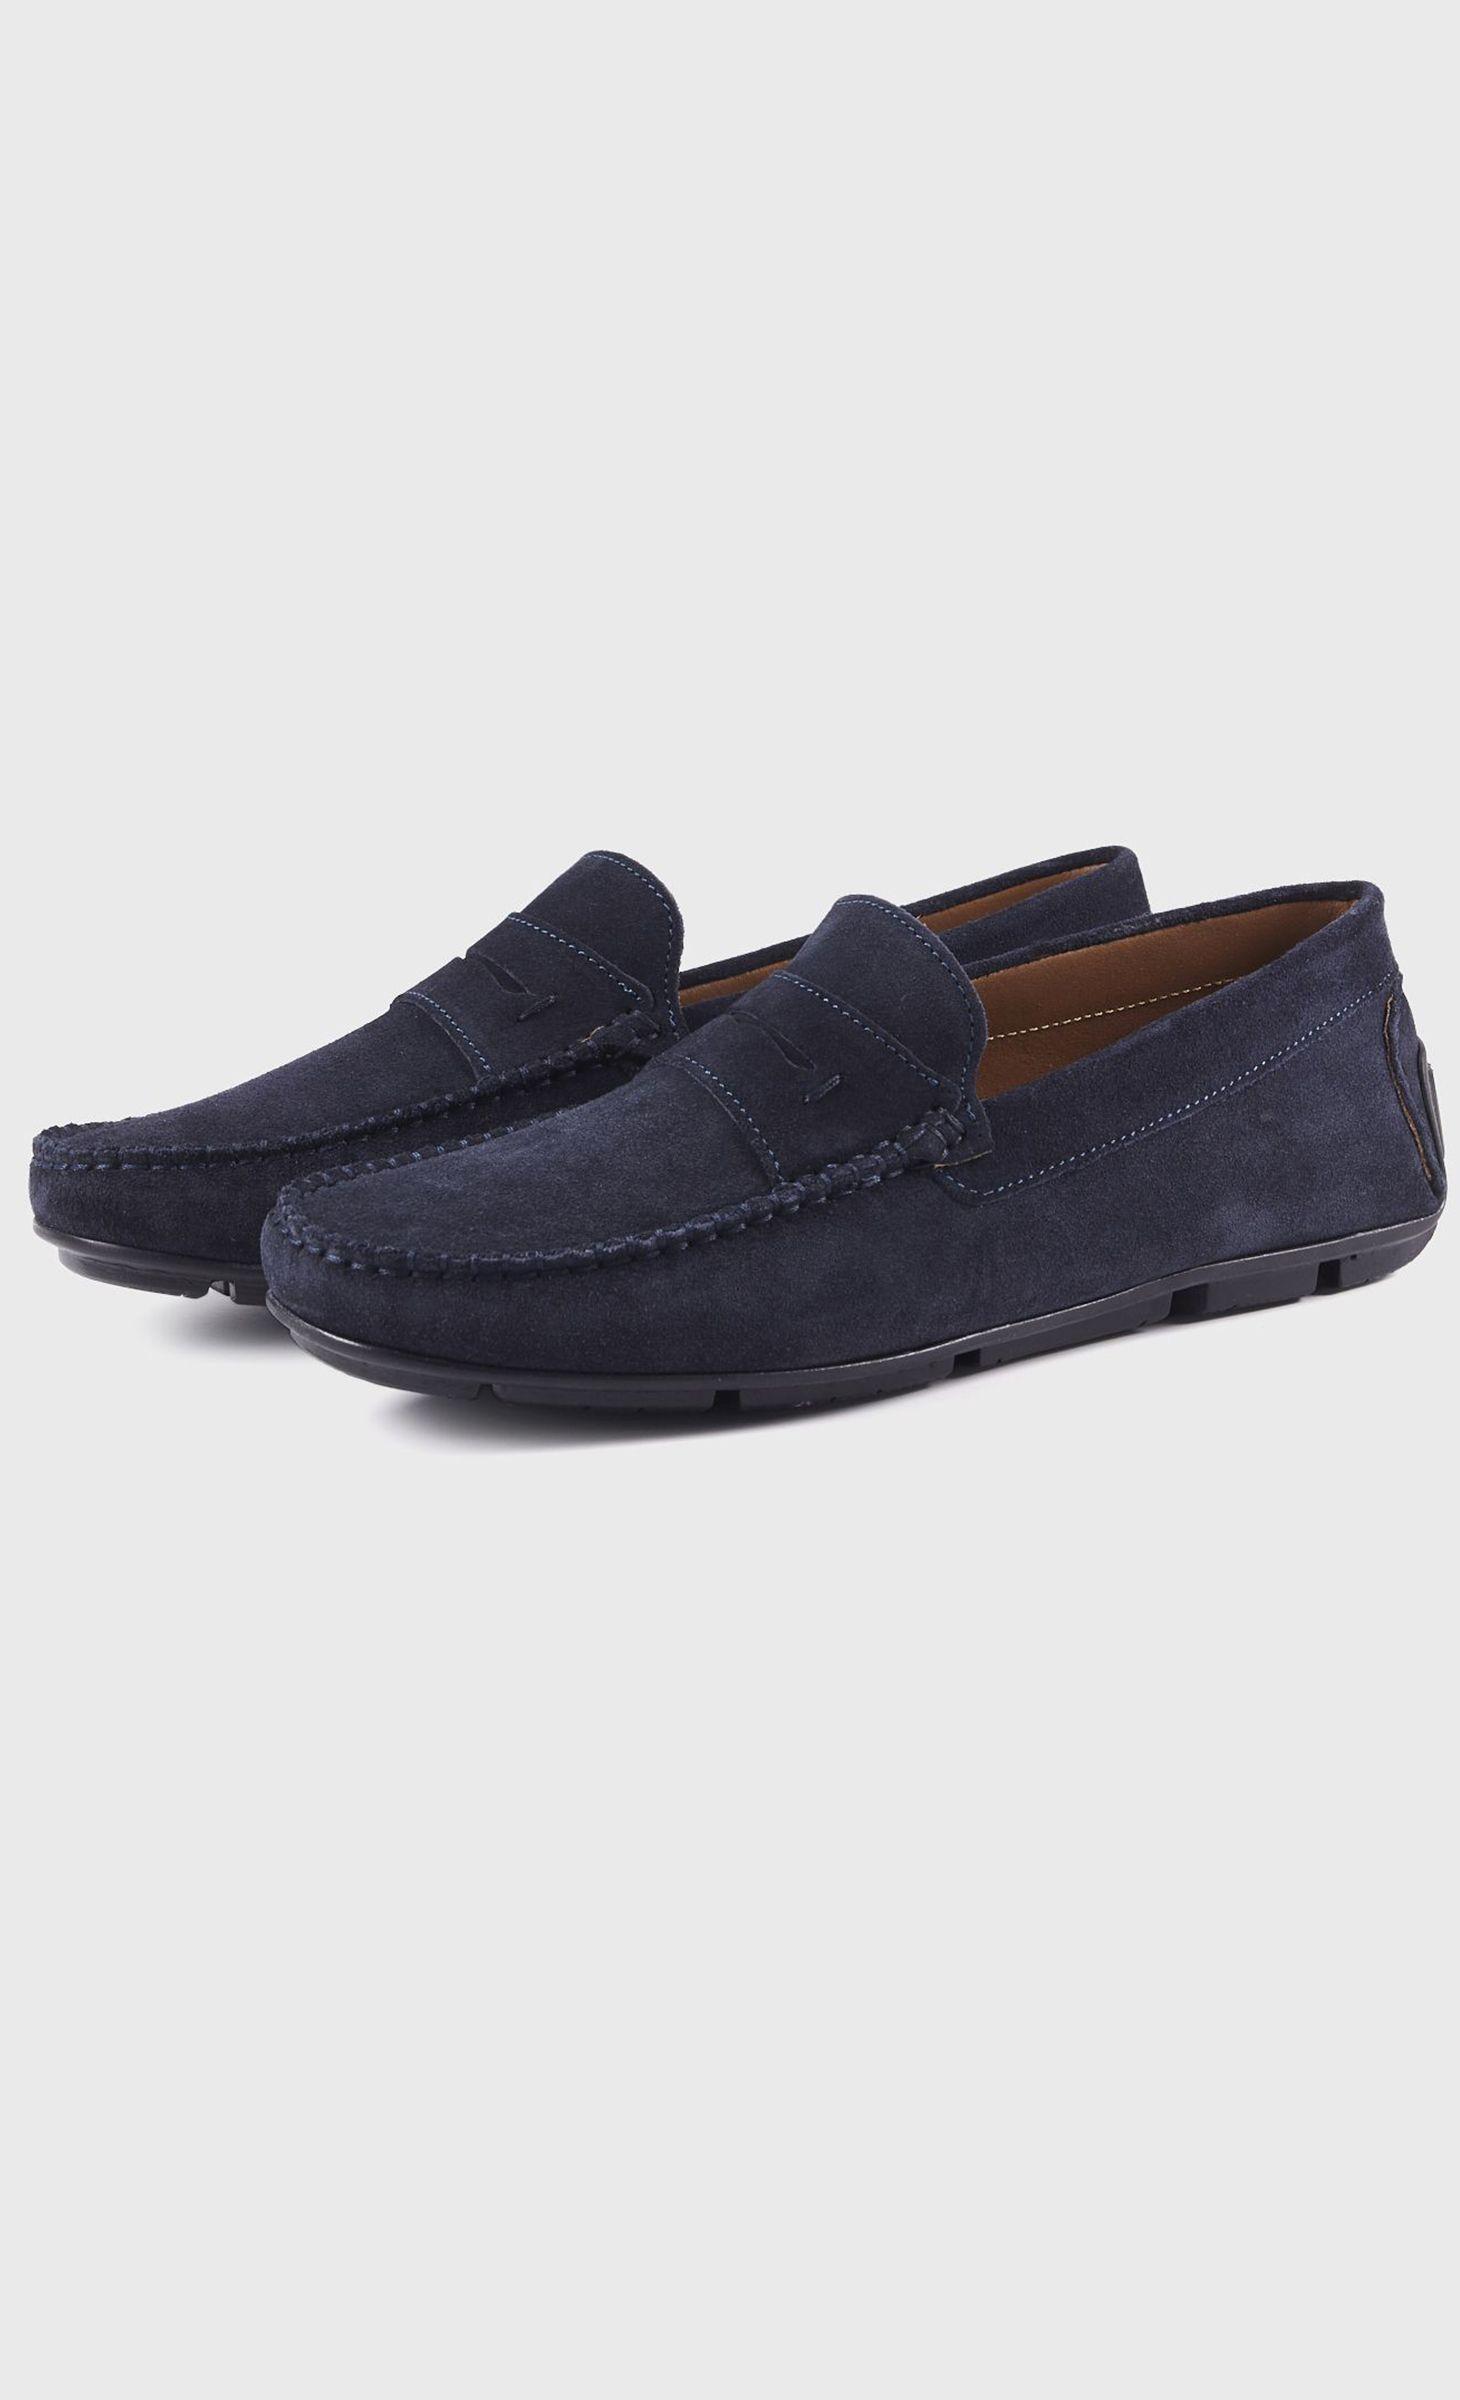 divers styles haute couture chaussures décontractées Mocassin en nubuck bleu marine